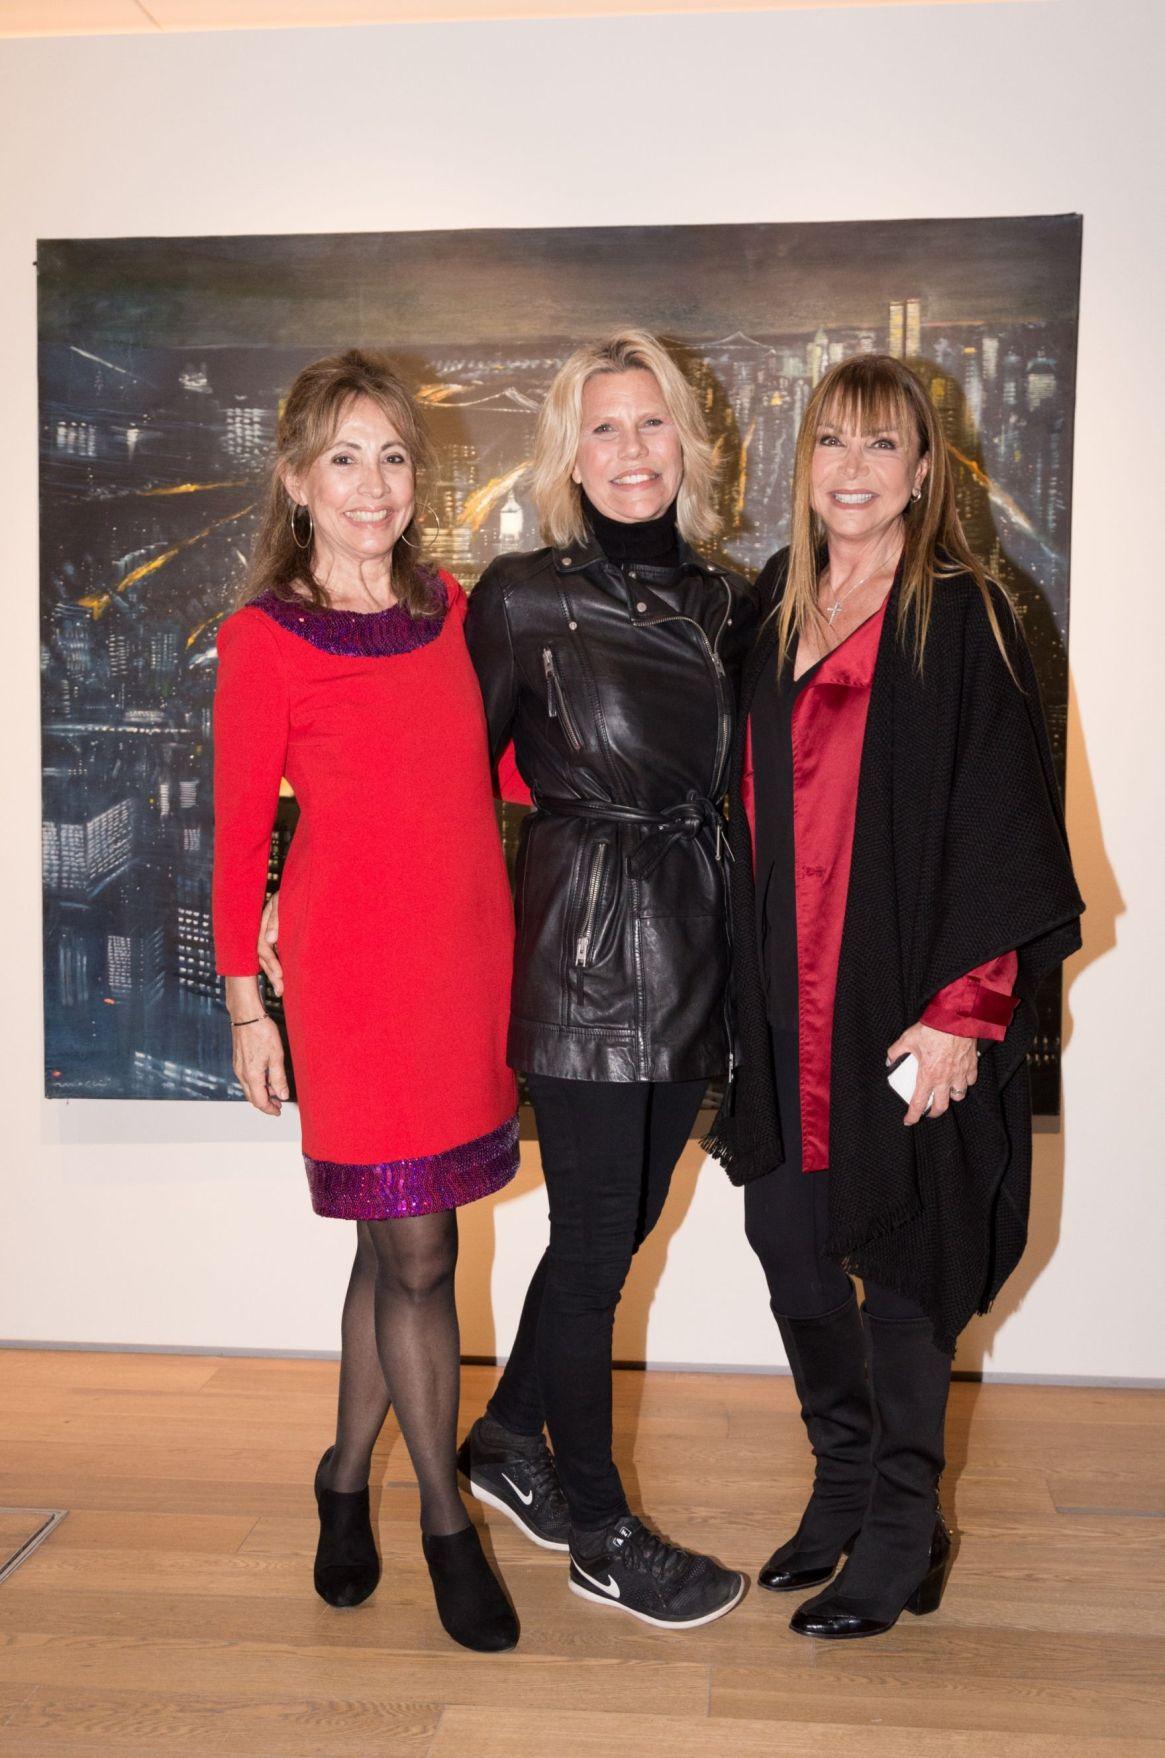 Mirta Peña, Nora Portela y Elena Fortabat /// Fotos: Gentileza Colección Amalita - Alejandro Raineri PR